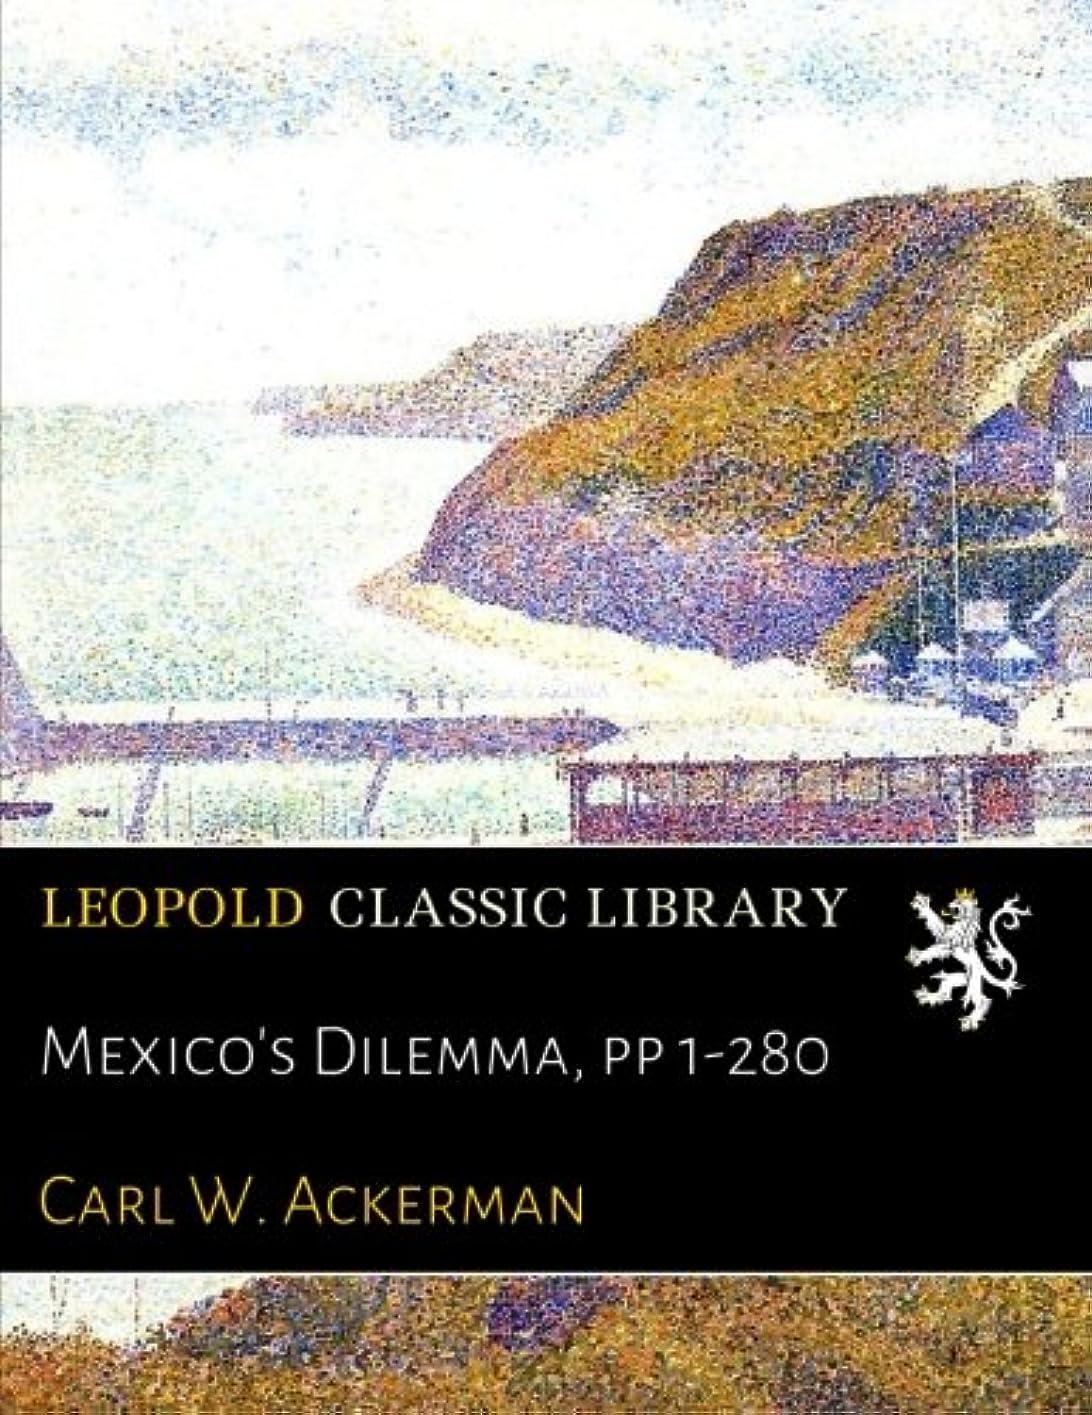 説得力のある湿度破裂Mexico's Dilemma, pp 1-280